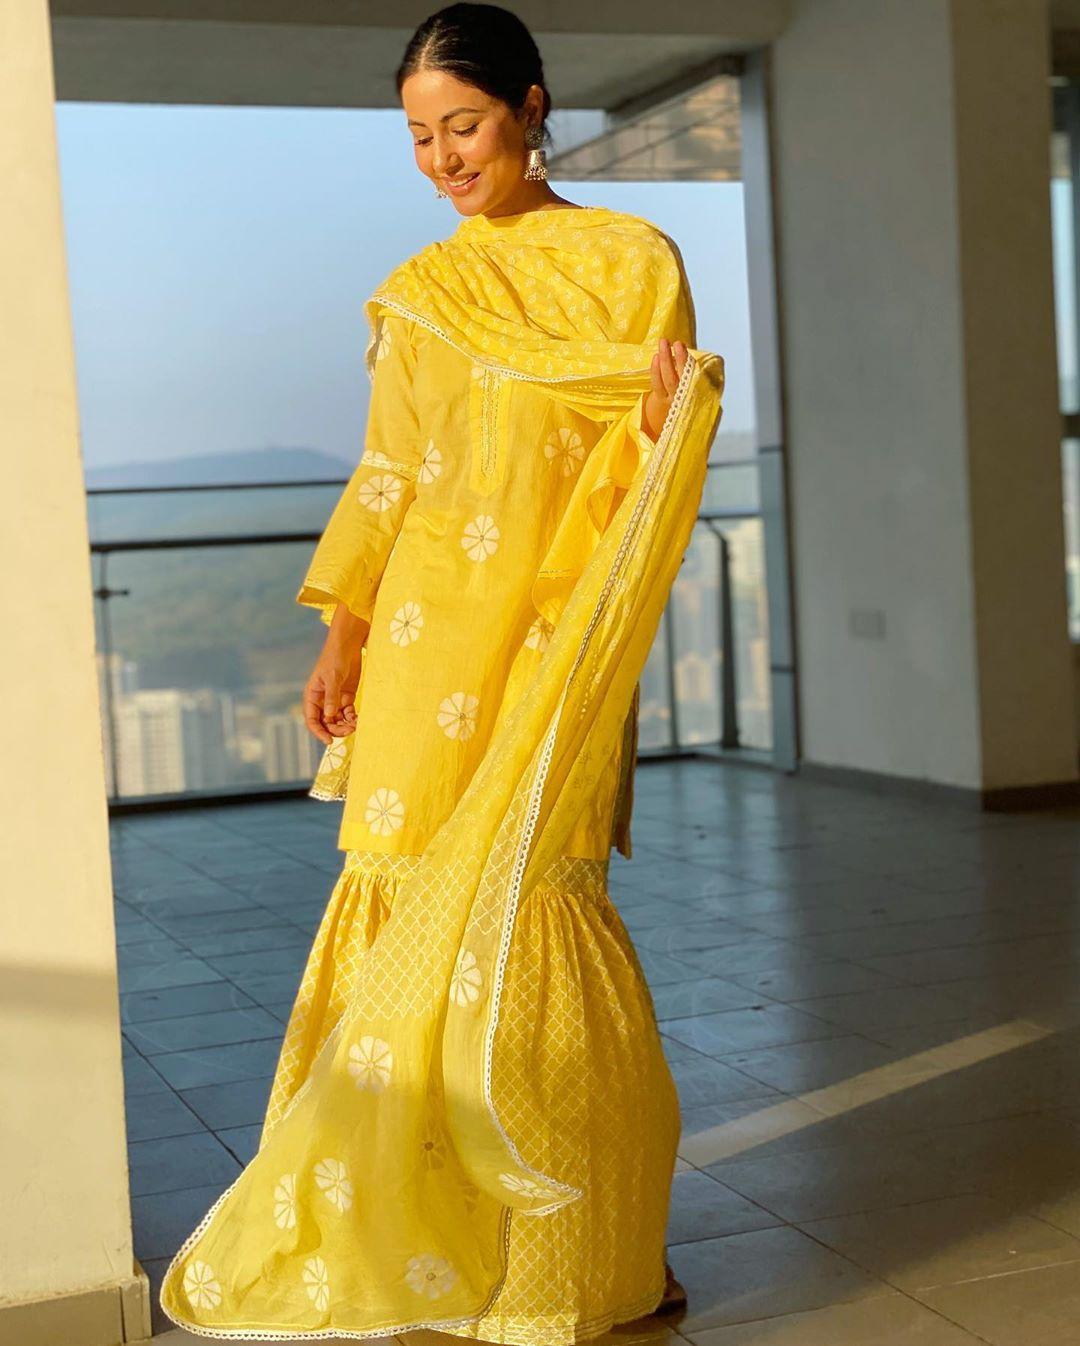 hina-khan-rocky-jaiswal-love-story